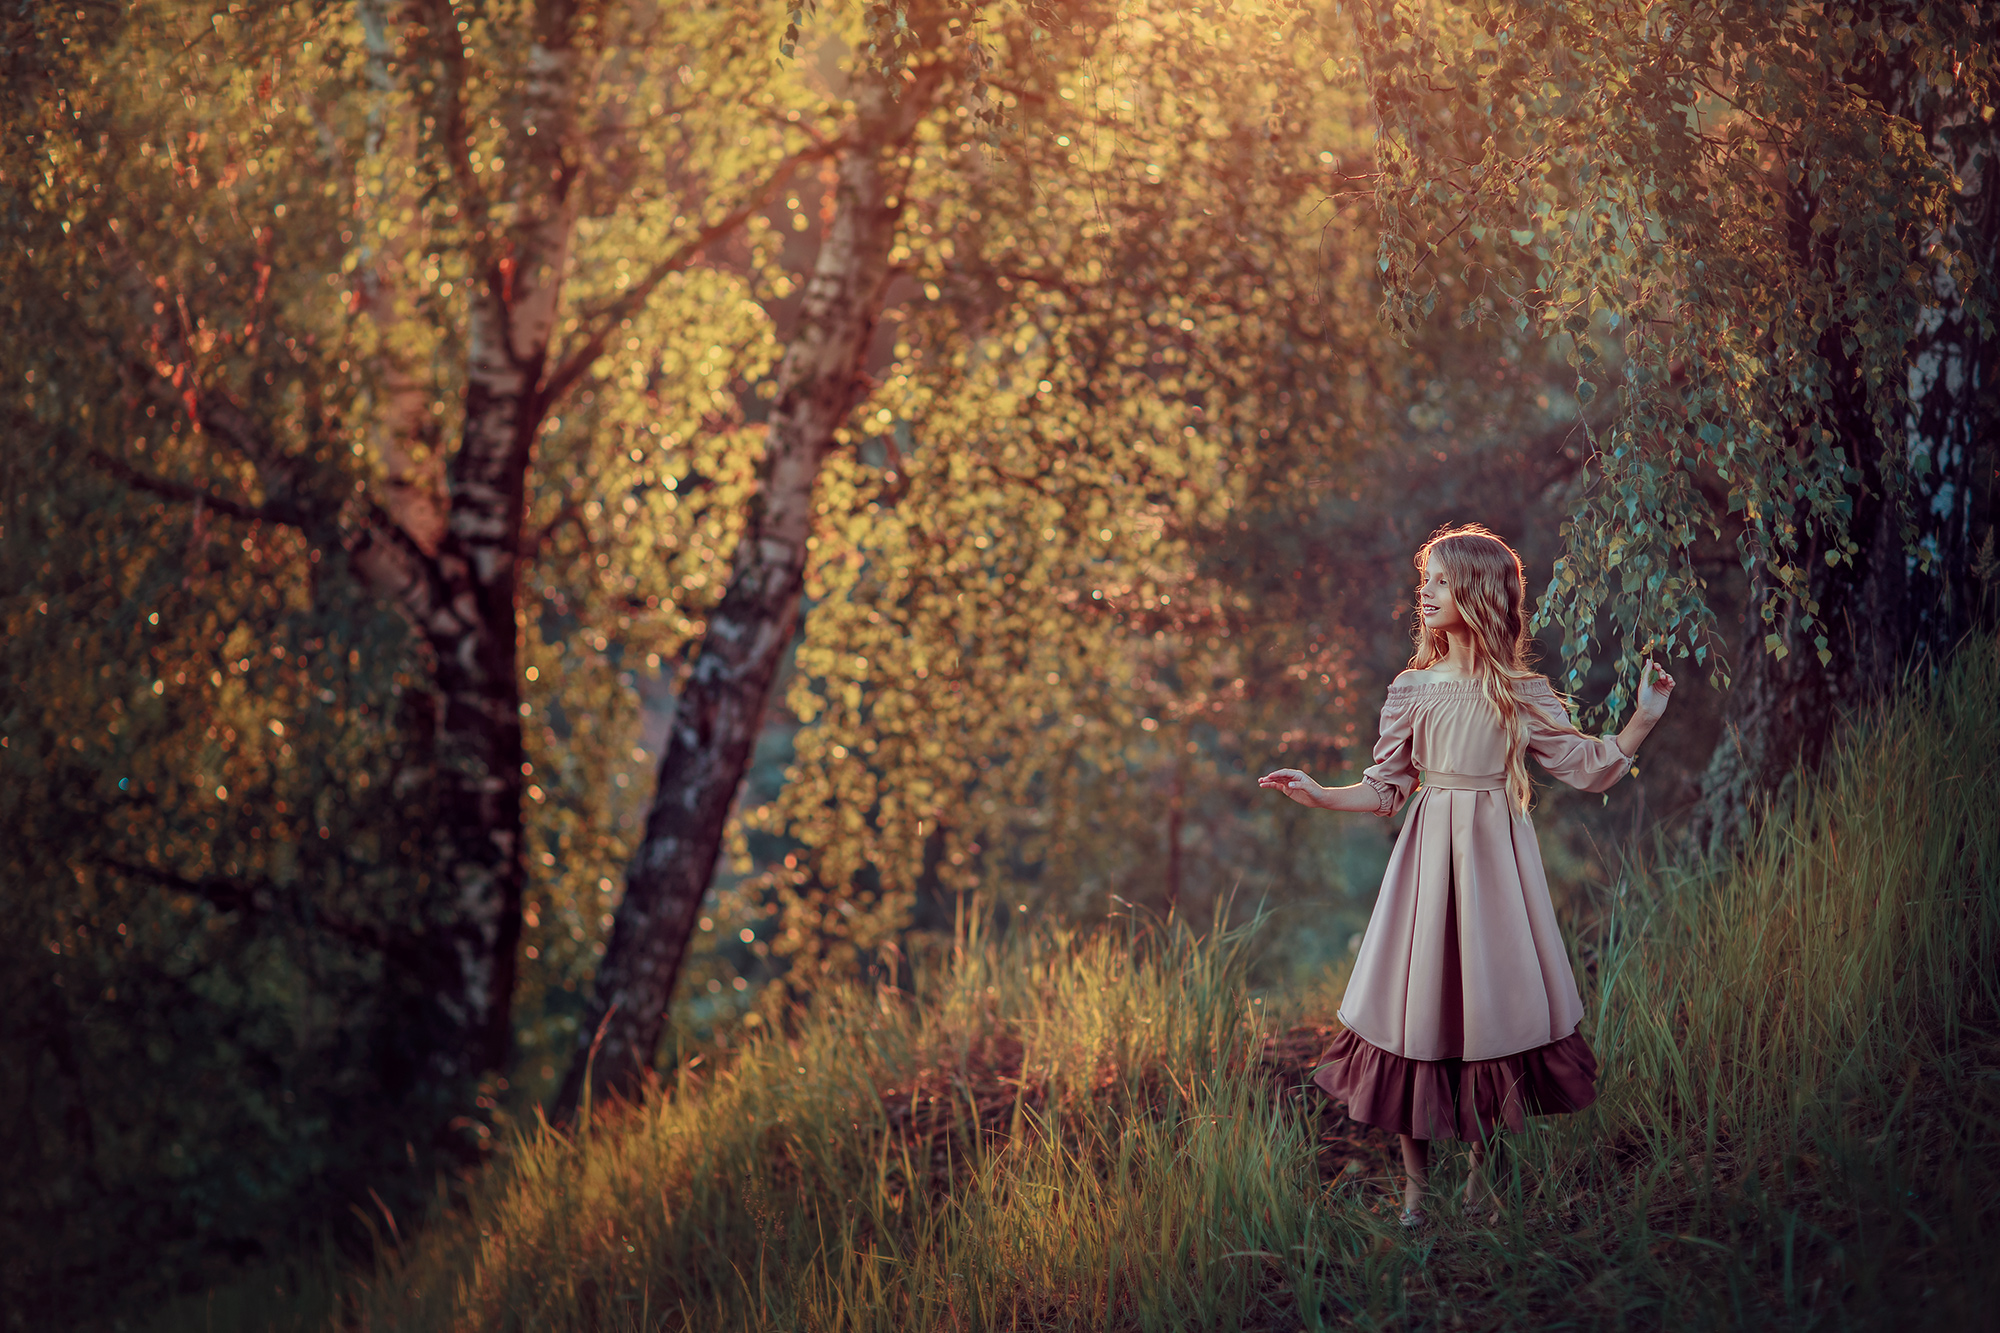 Волшебная фотосессия в лесу для девочки 9 лет